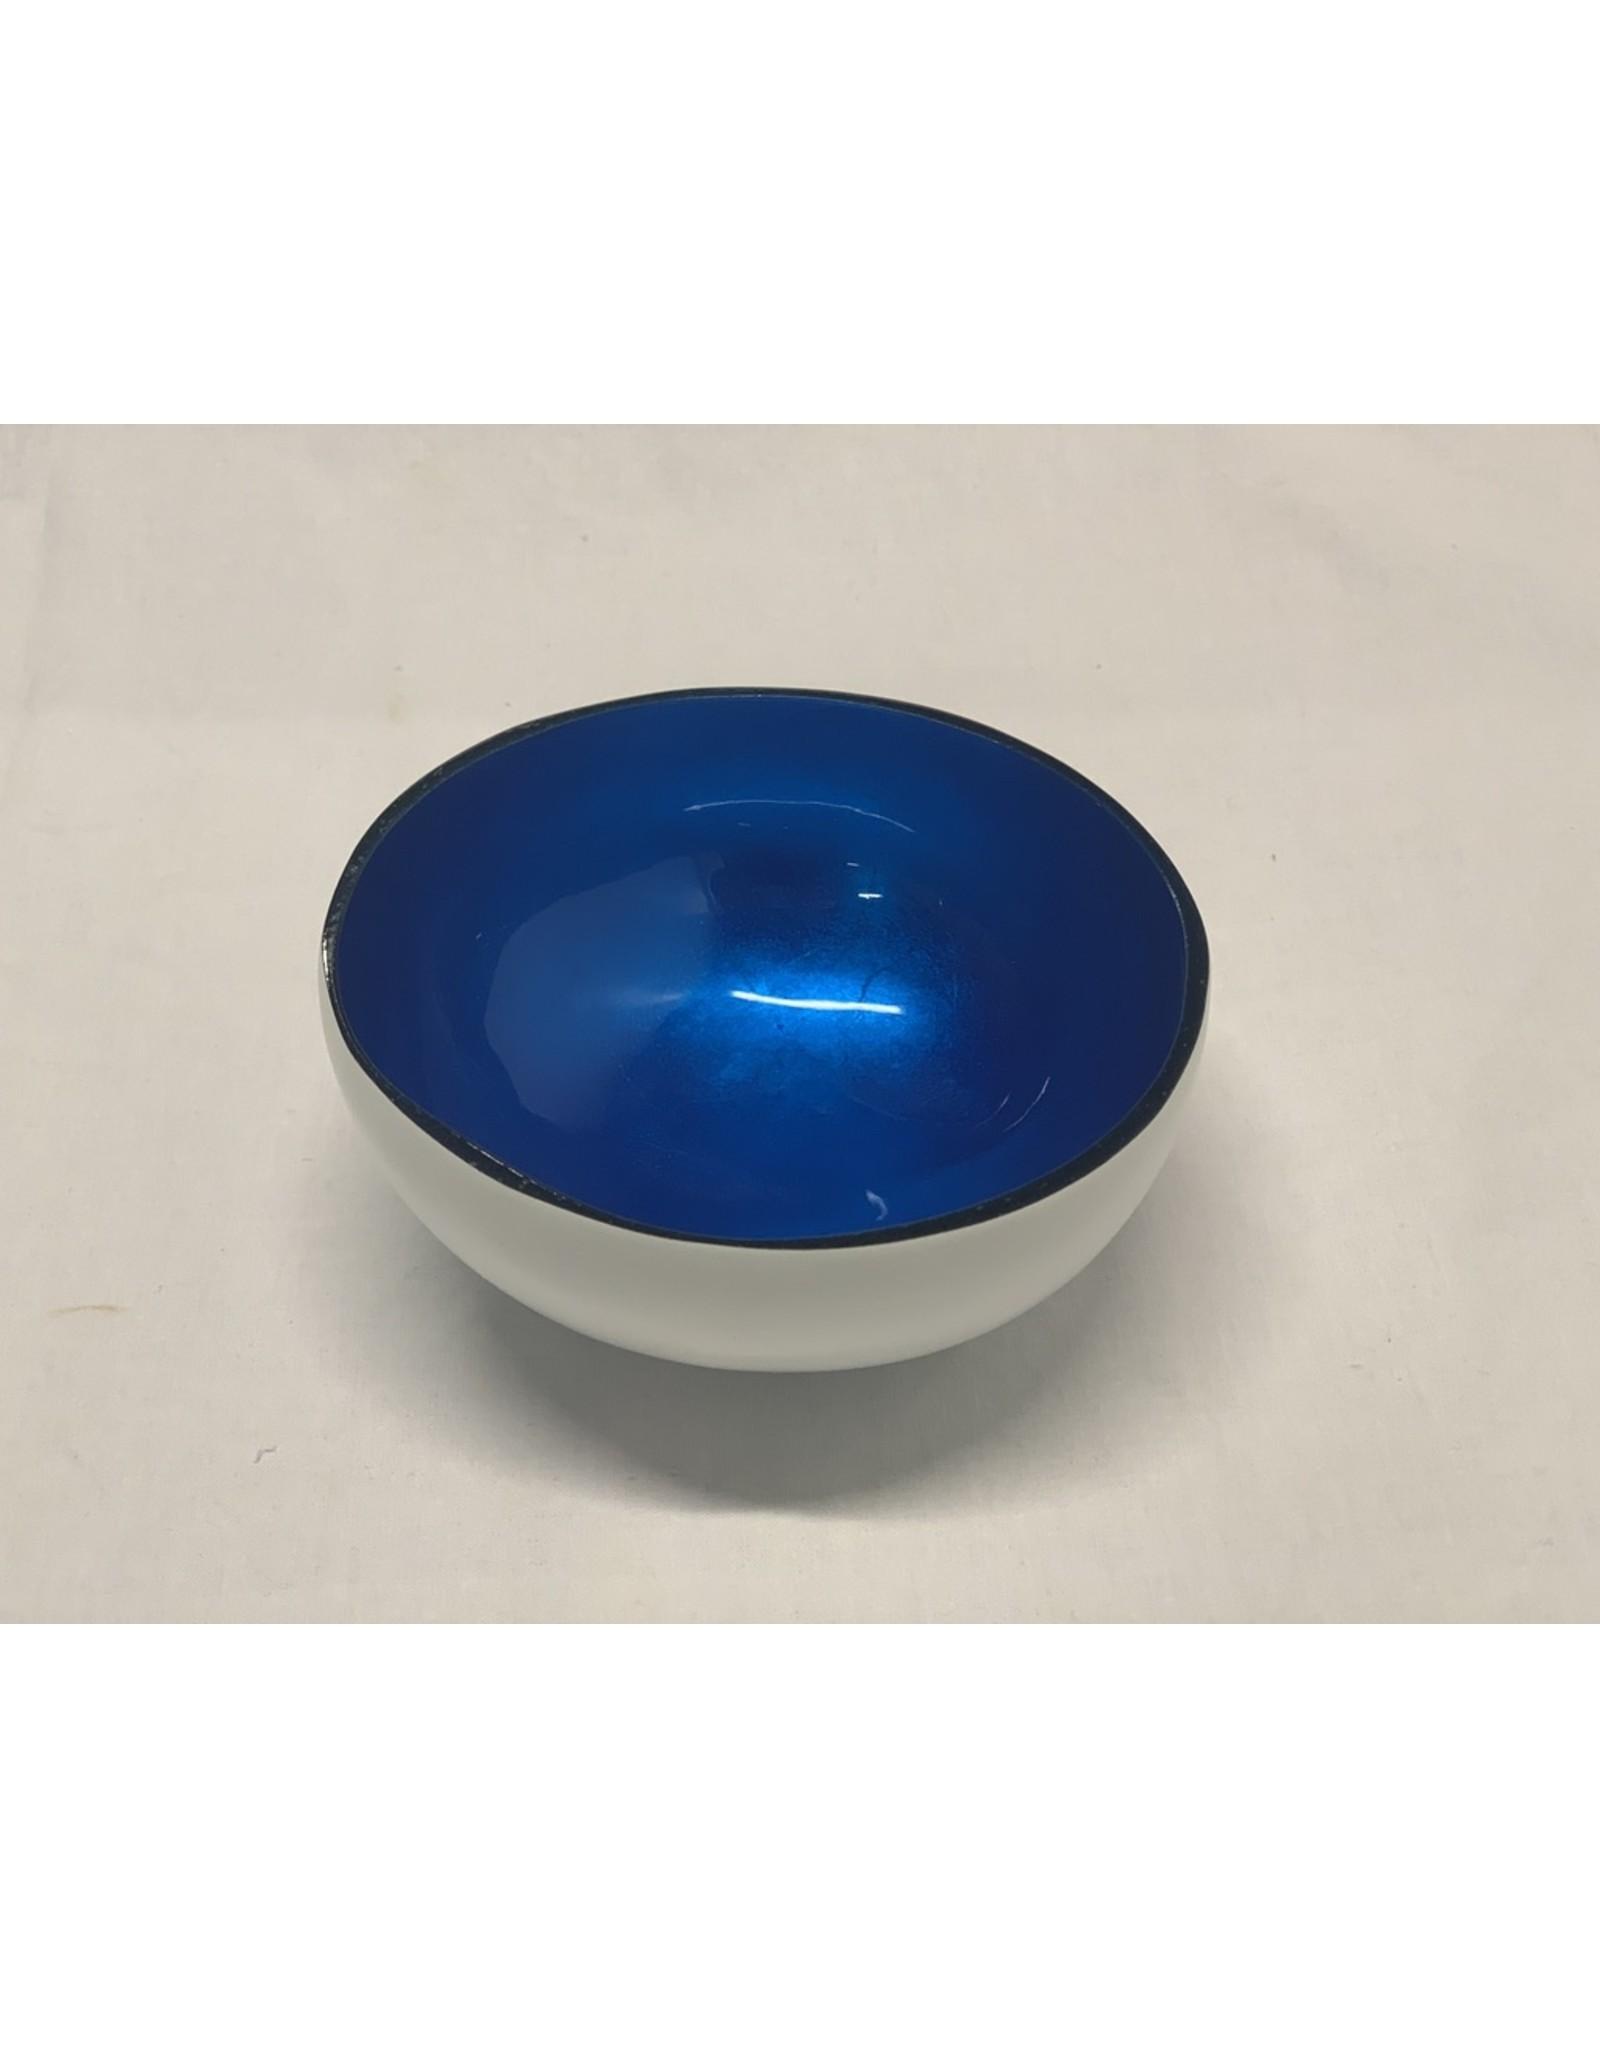 sense&purpose Cocosnuss weiss/blau Cocosnussschale